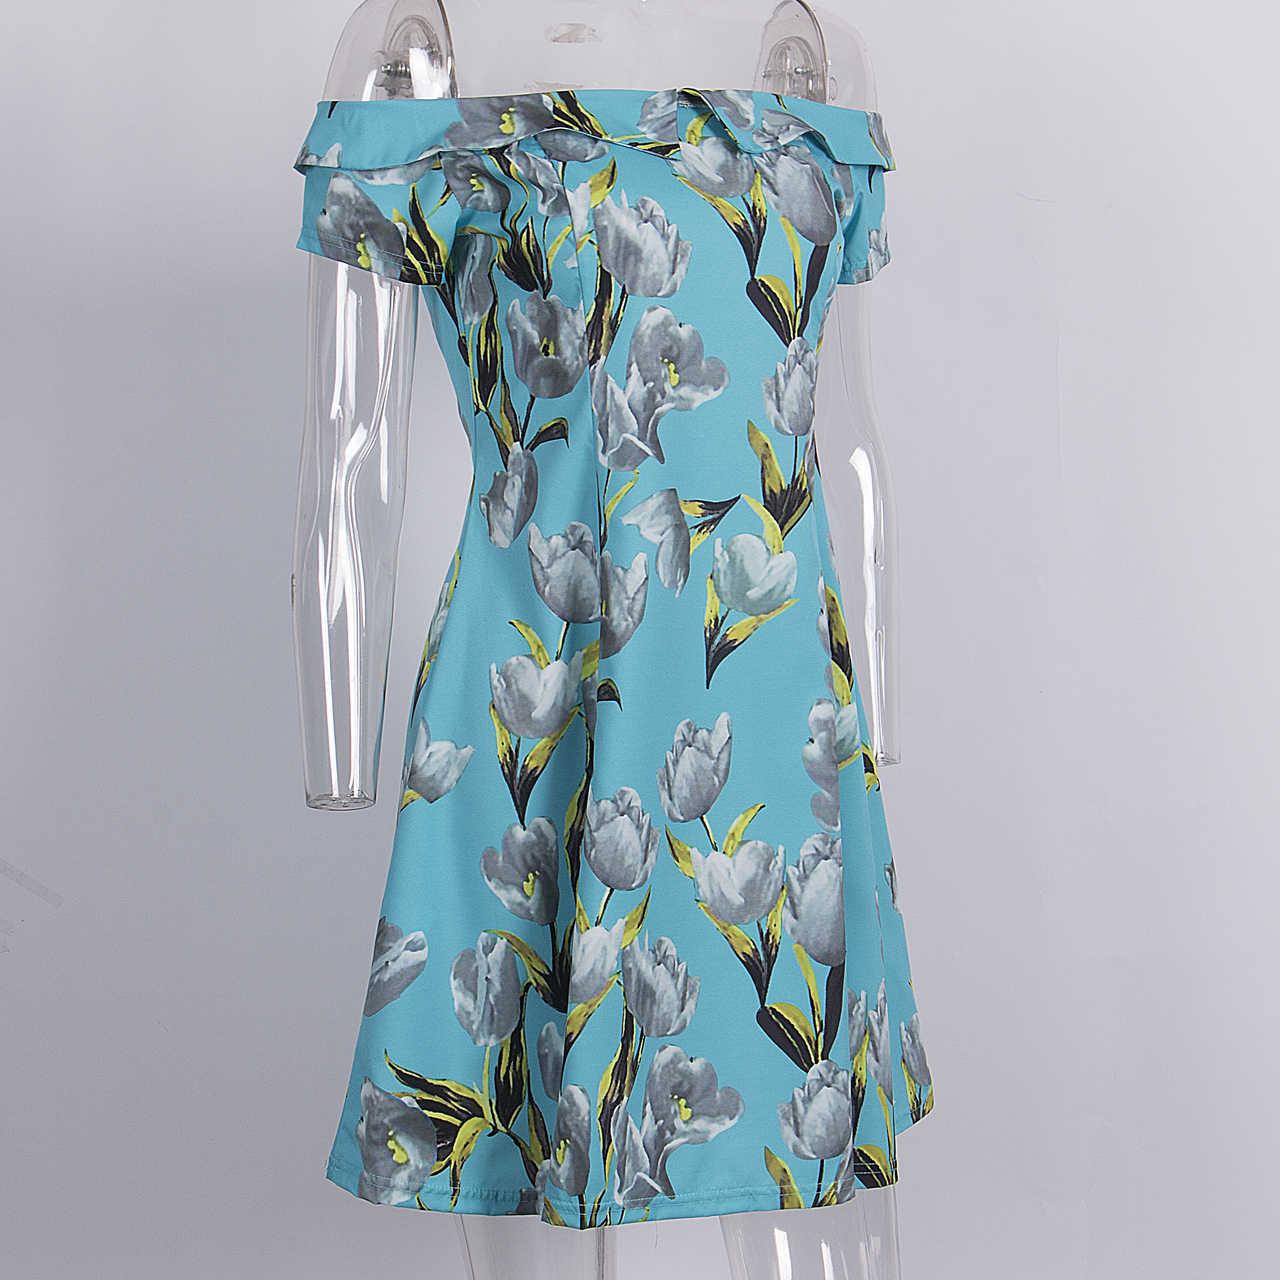 Mutter Tochter Frauen Mädchen 2017 Neue Sommer-Party Weg Vom Schulter Shory Sleeve Floral Kleid Familie Kleidung Outfits Kleidung